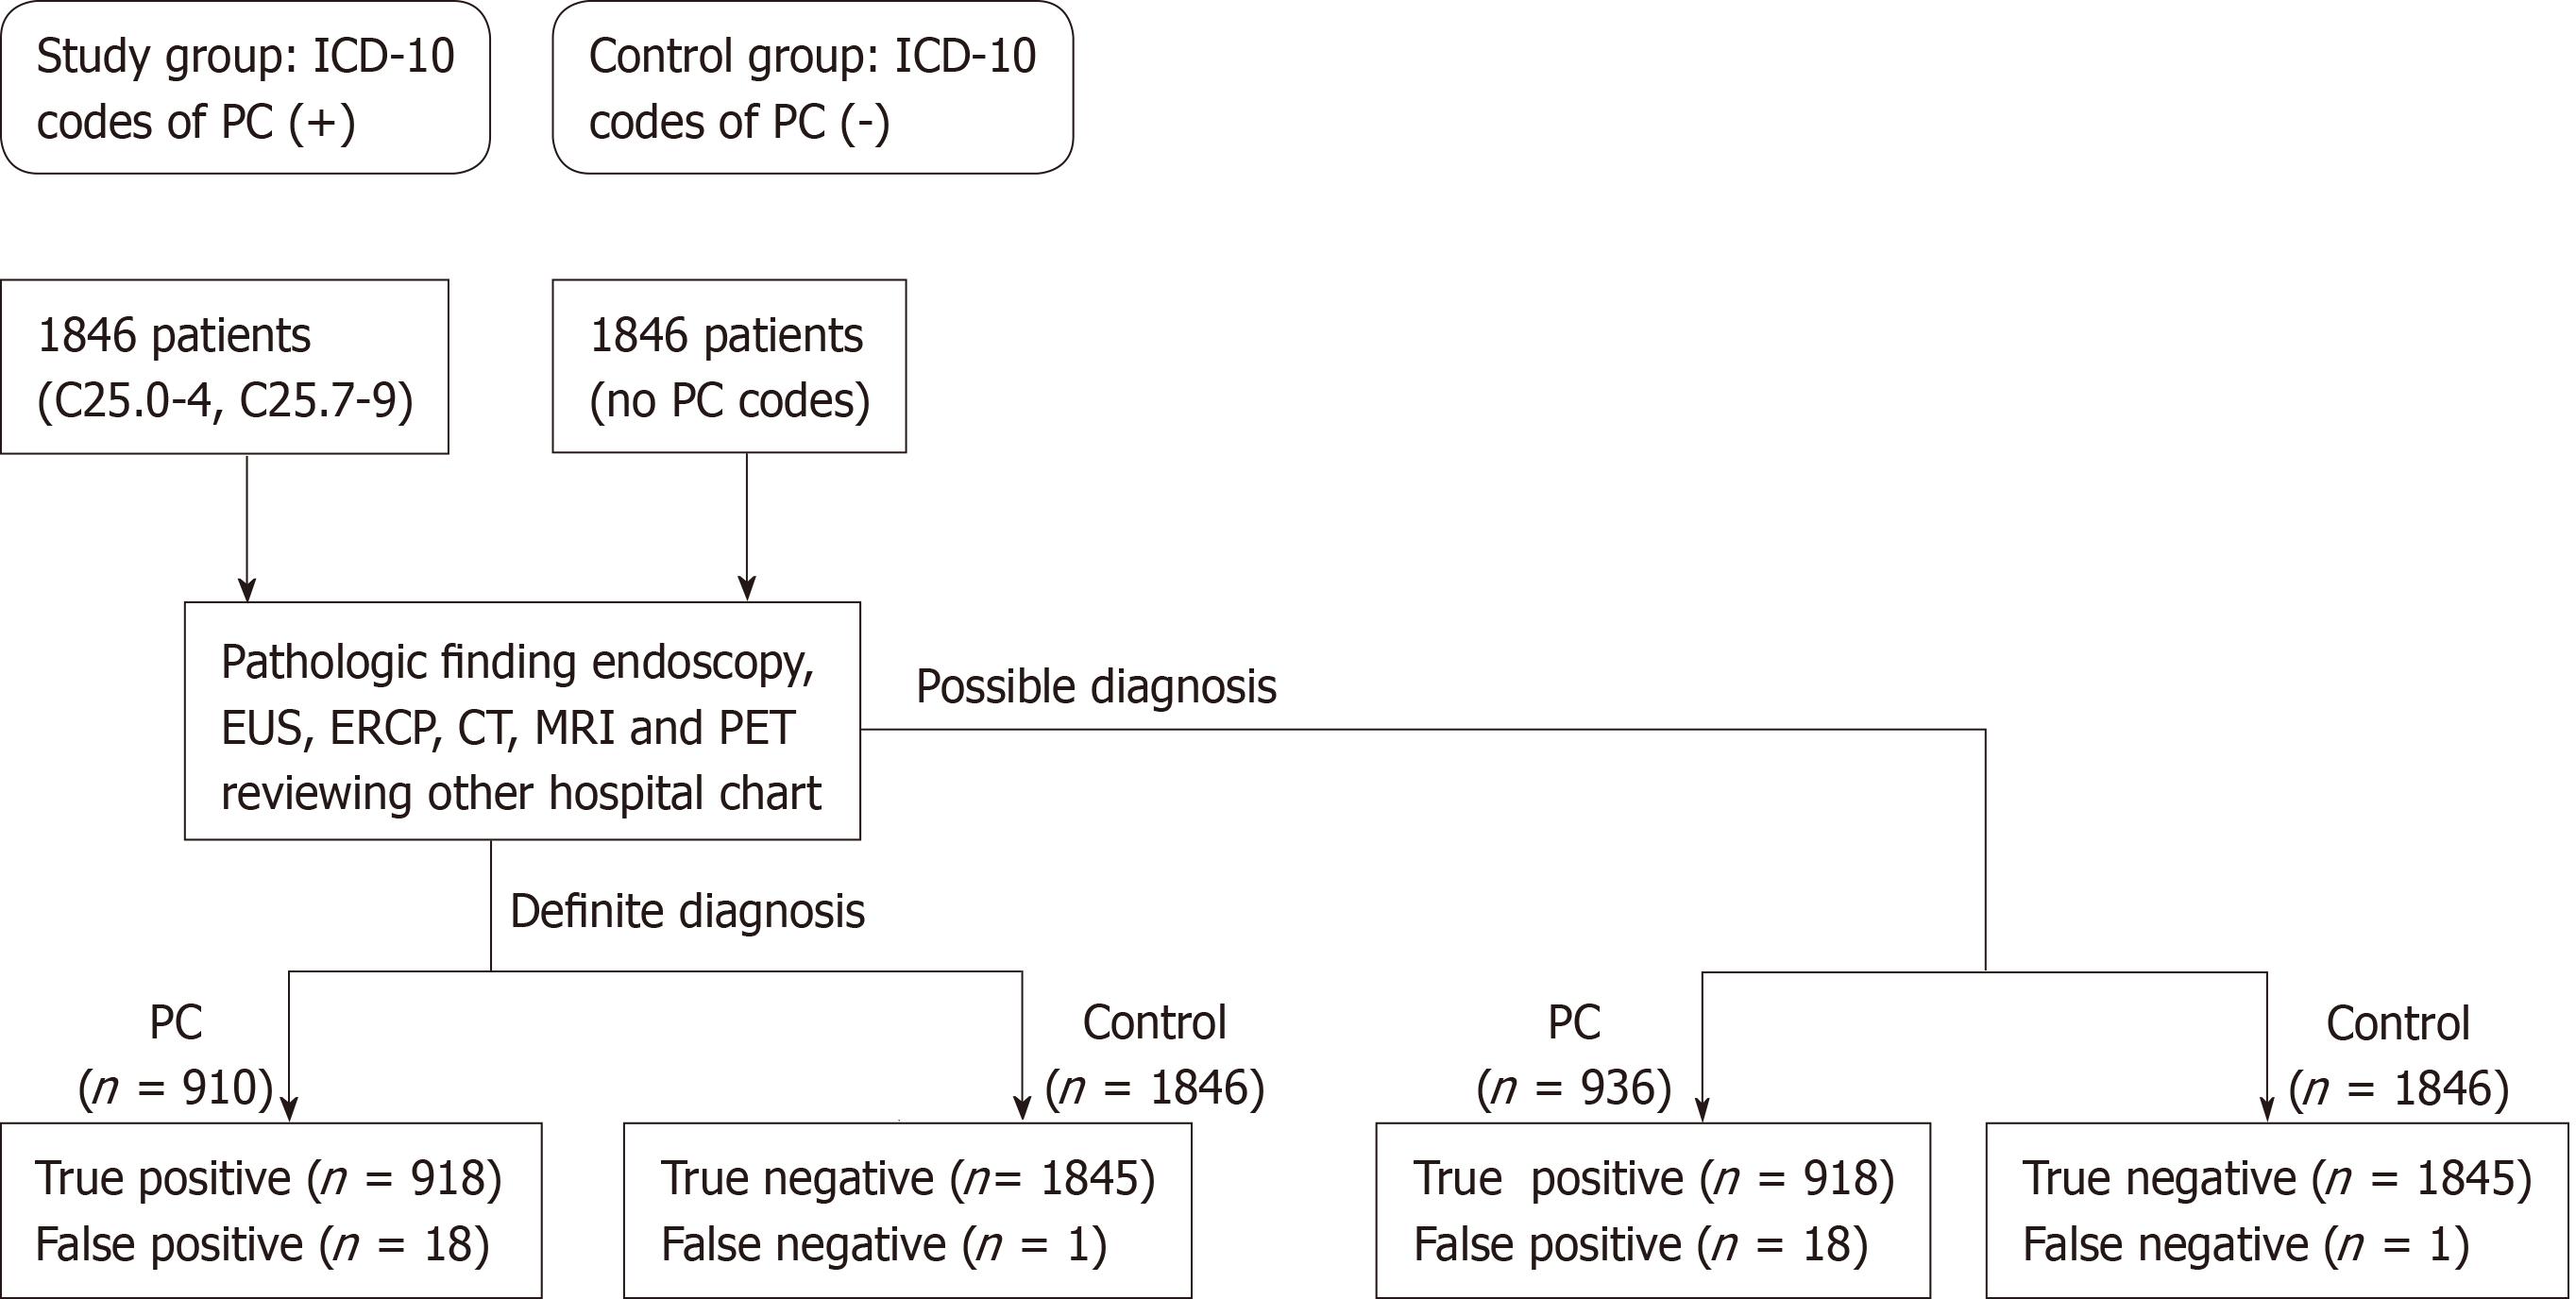 metastatic cancer of colon icd 10 tratament oxiuri doza unica